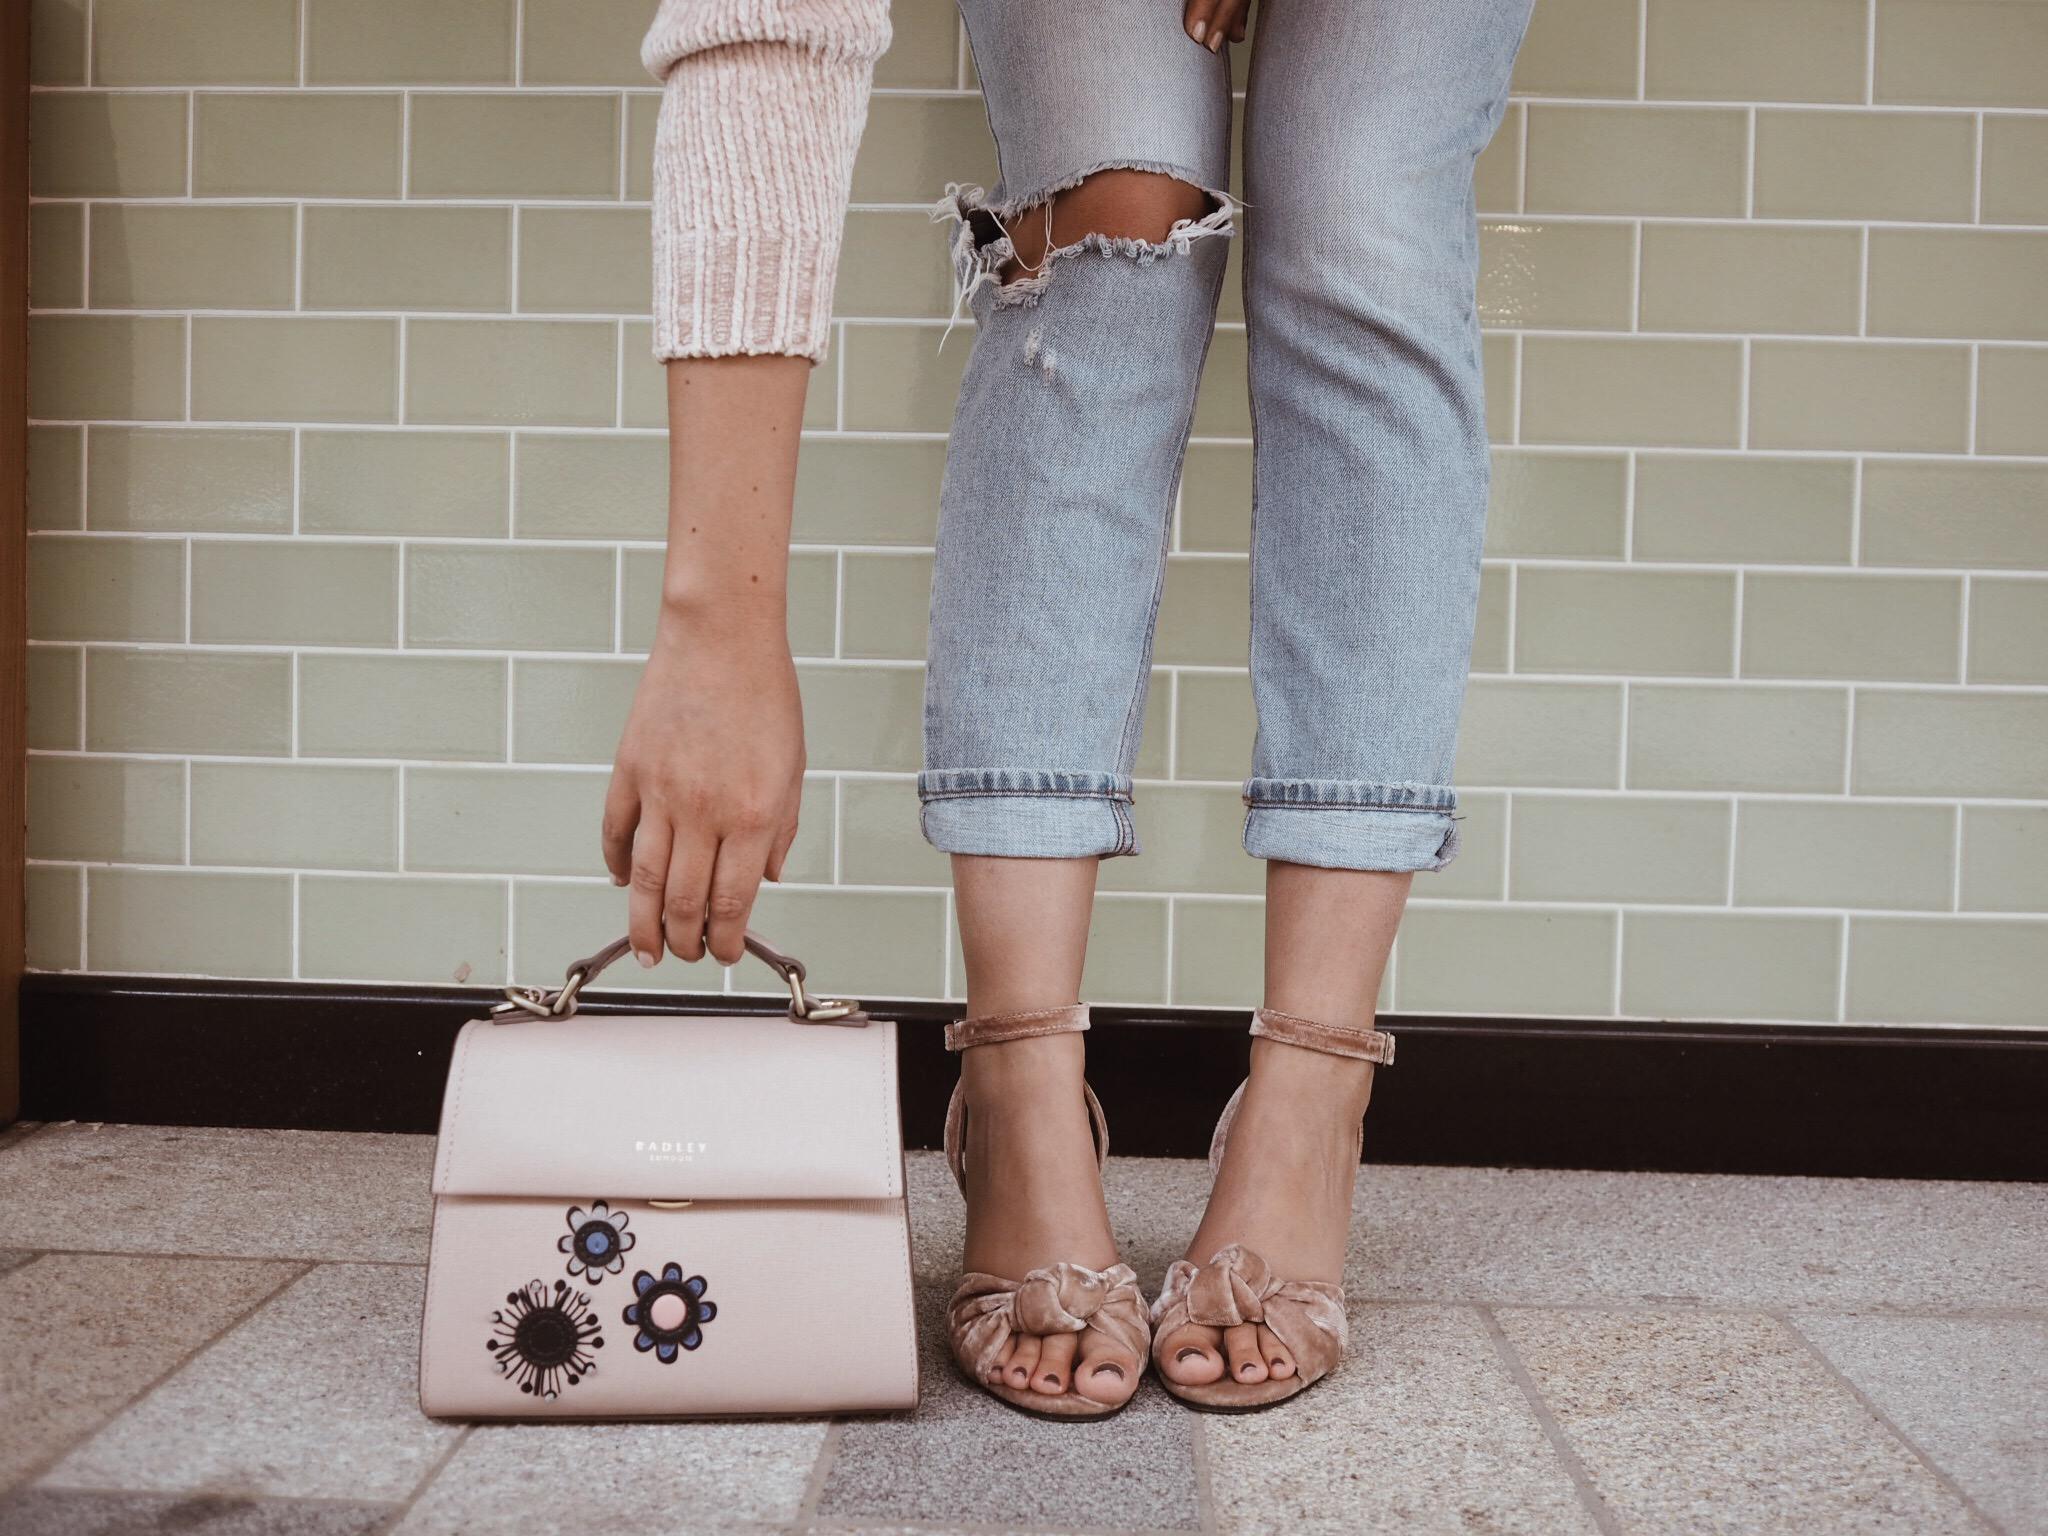 Cocoa Chelsea Radley handbag vintage zoomed in details velvet floral shoes